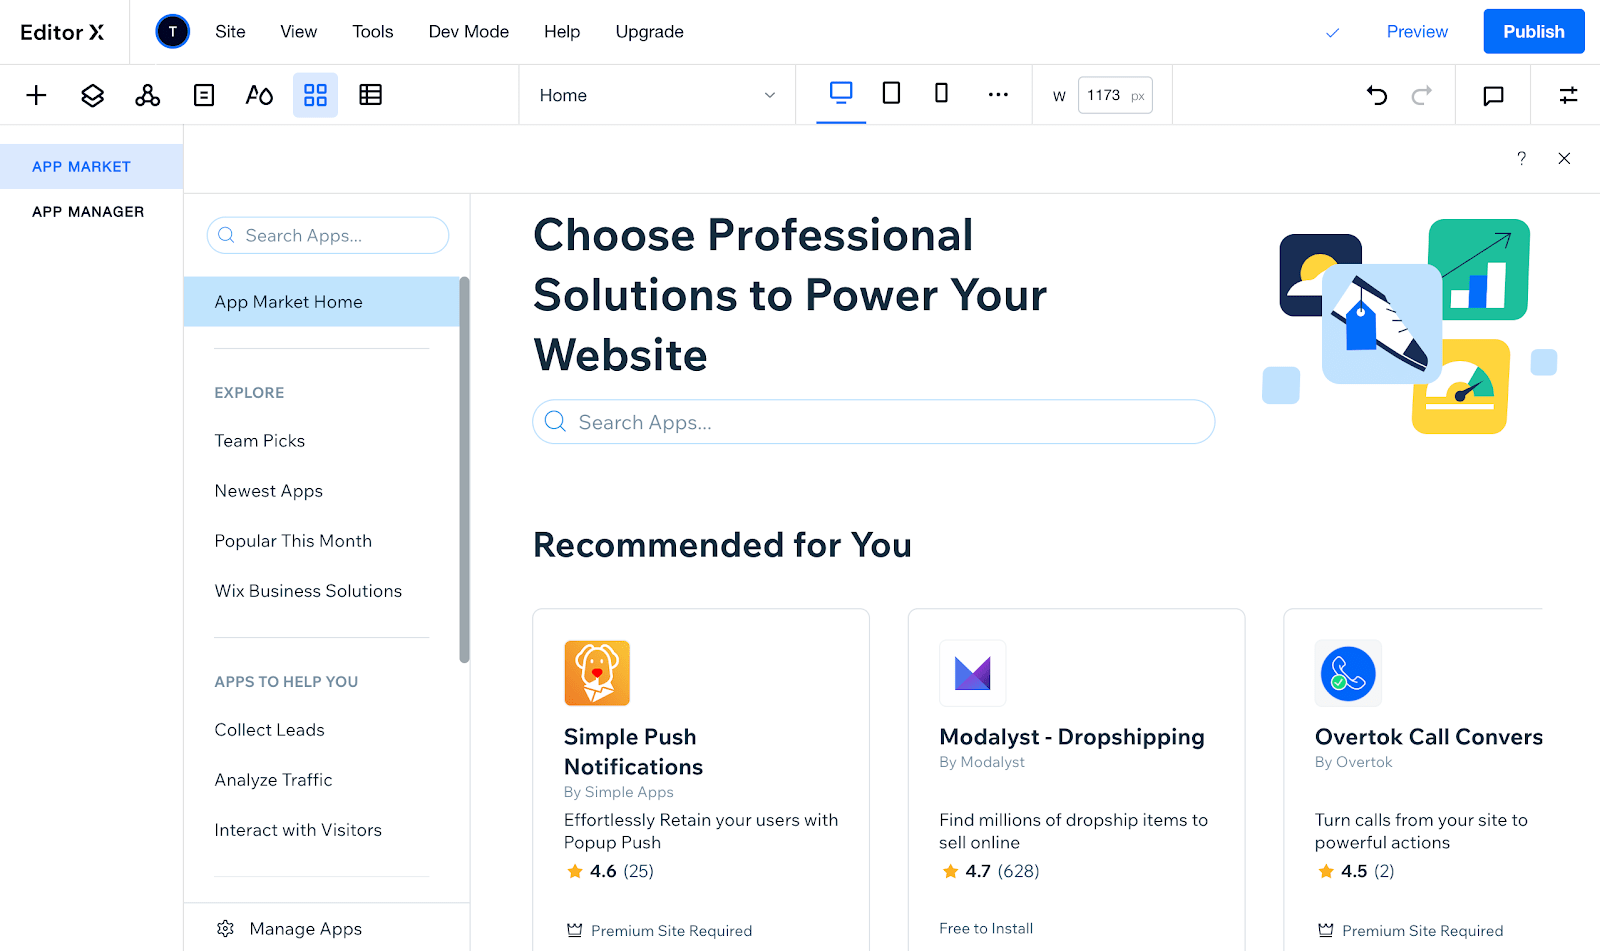 Editor X - App Market